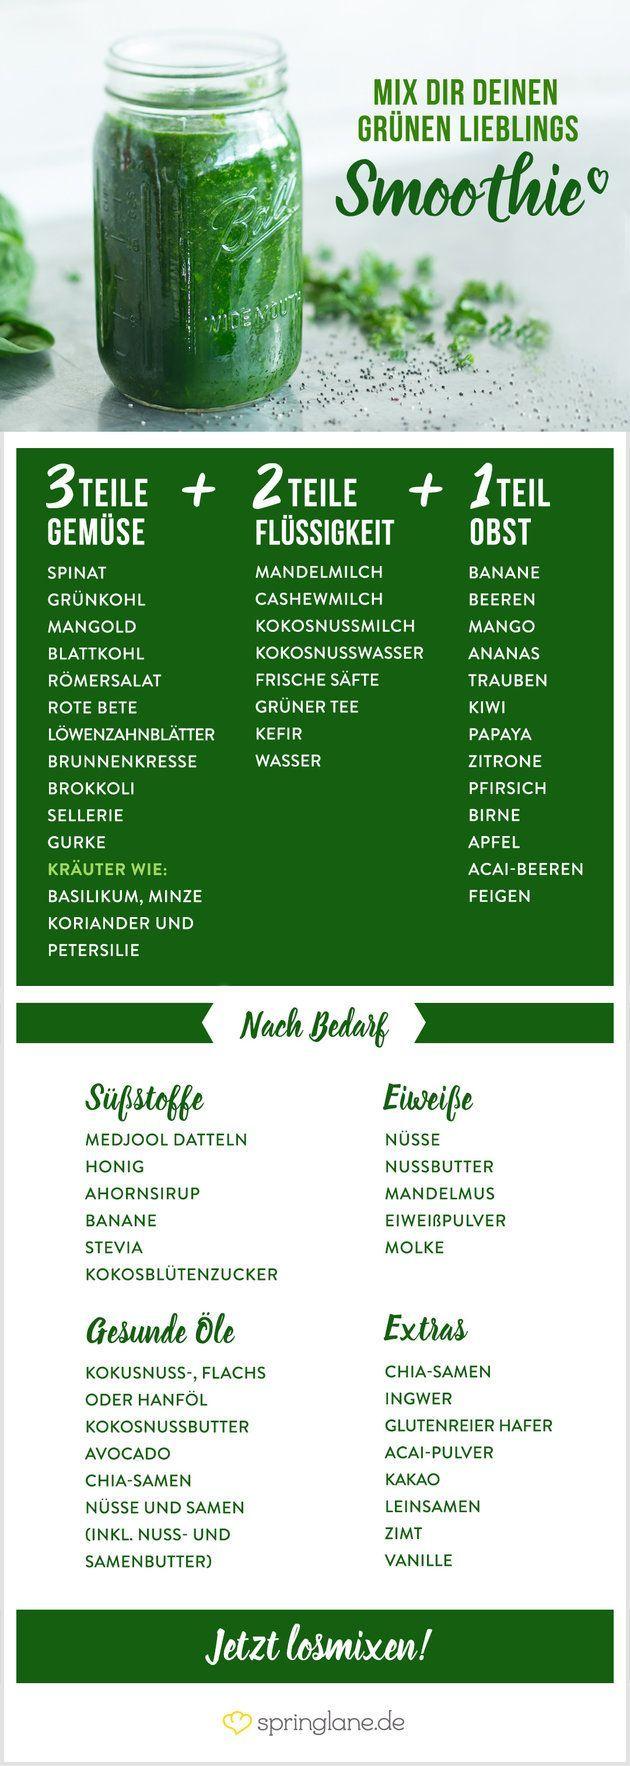 Smoothie-Spickzettel - Alles was du für deinen grünen Smoothie brauchst. Viel mehr Tipps für Smoothies im Artikel!